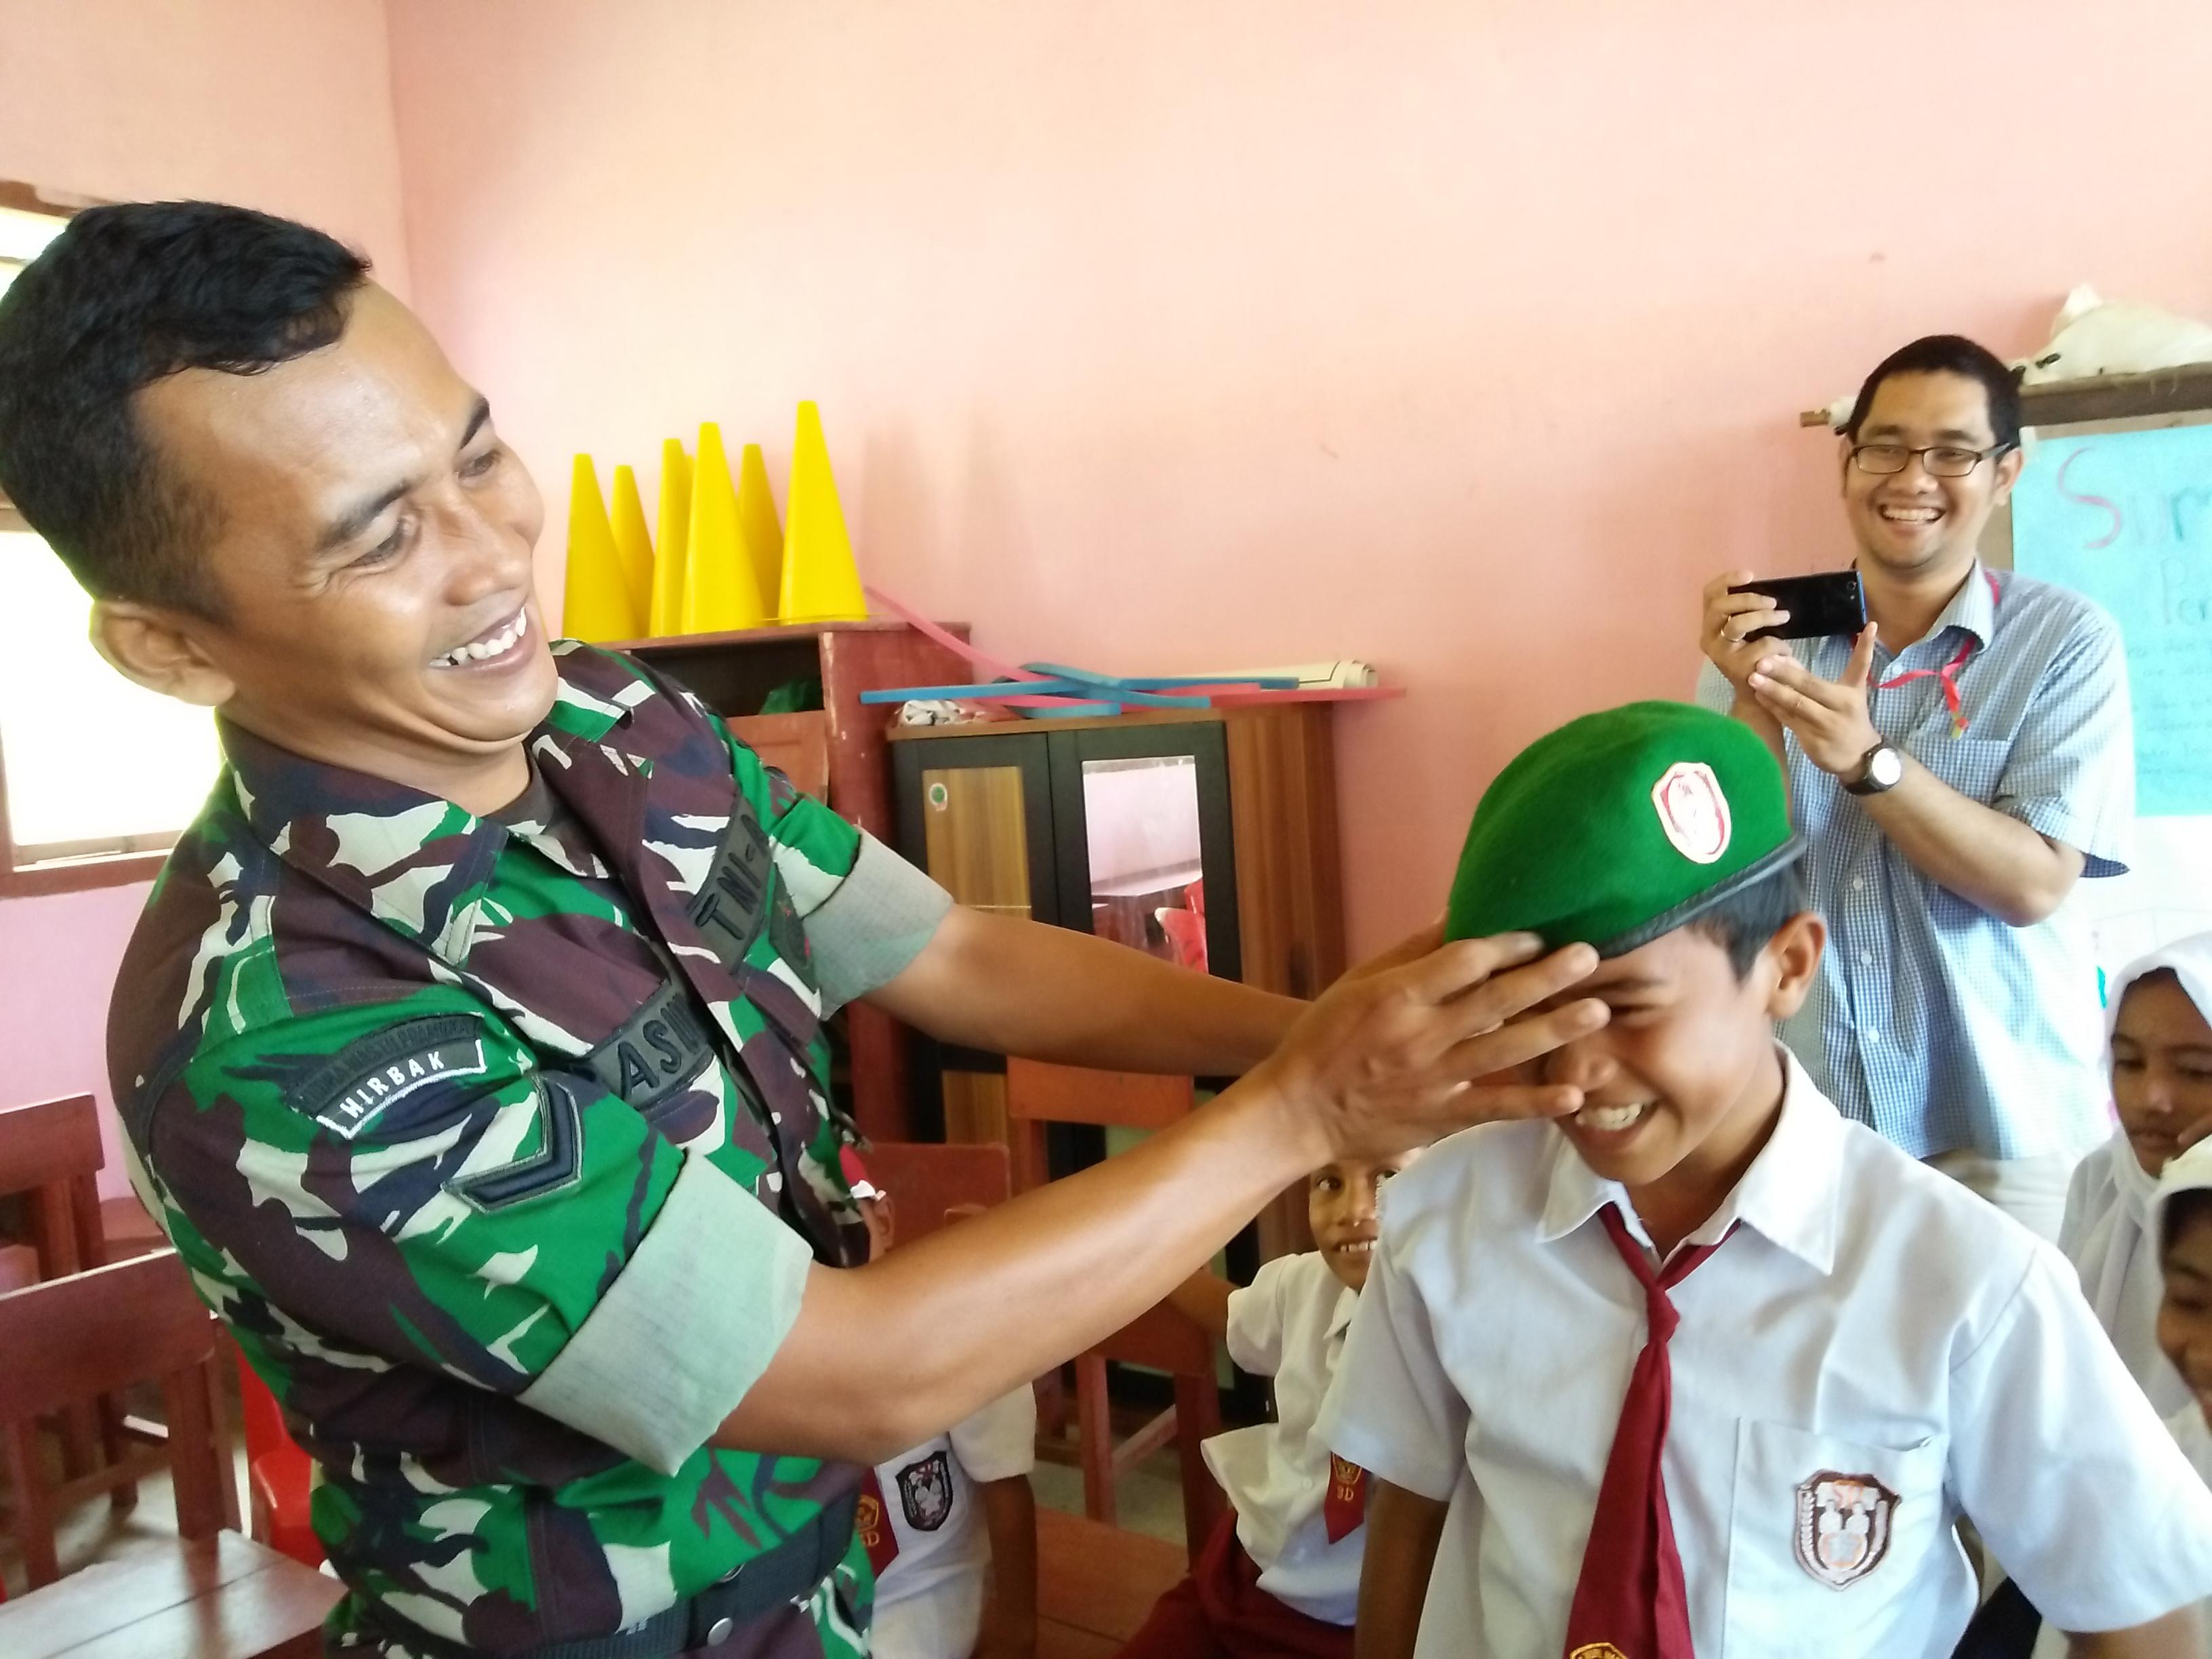 Salah satu kegiatan saat mengajar di Halmahera Selatan, Kelas Inspiras. Sumber: Dokumentasi Pribadi